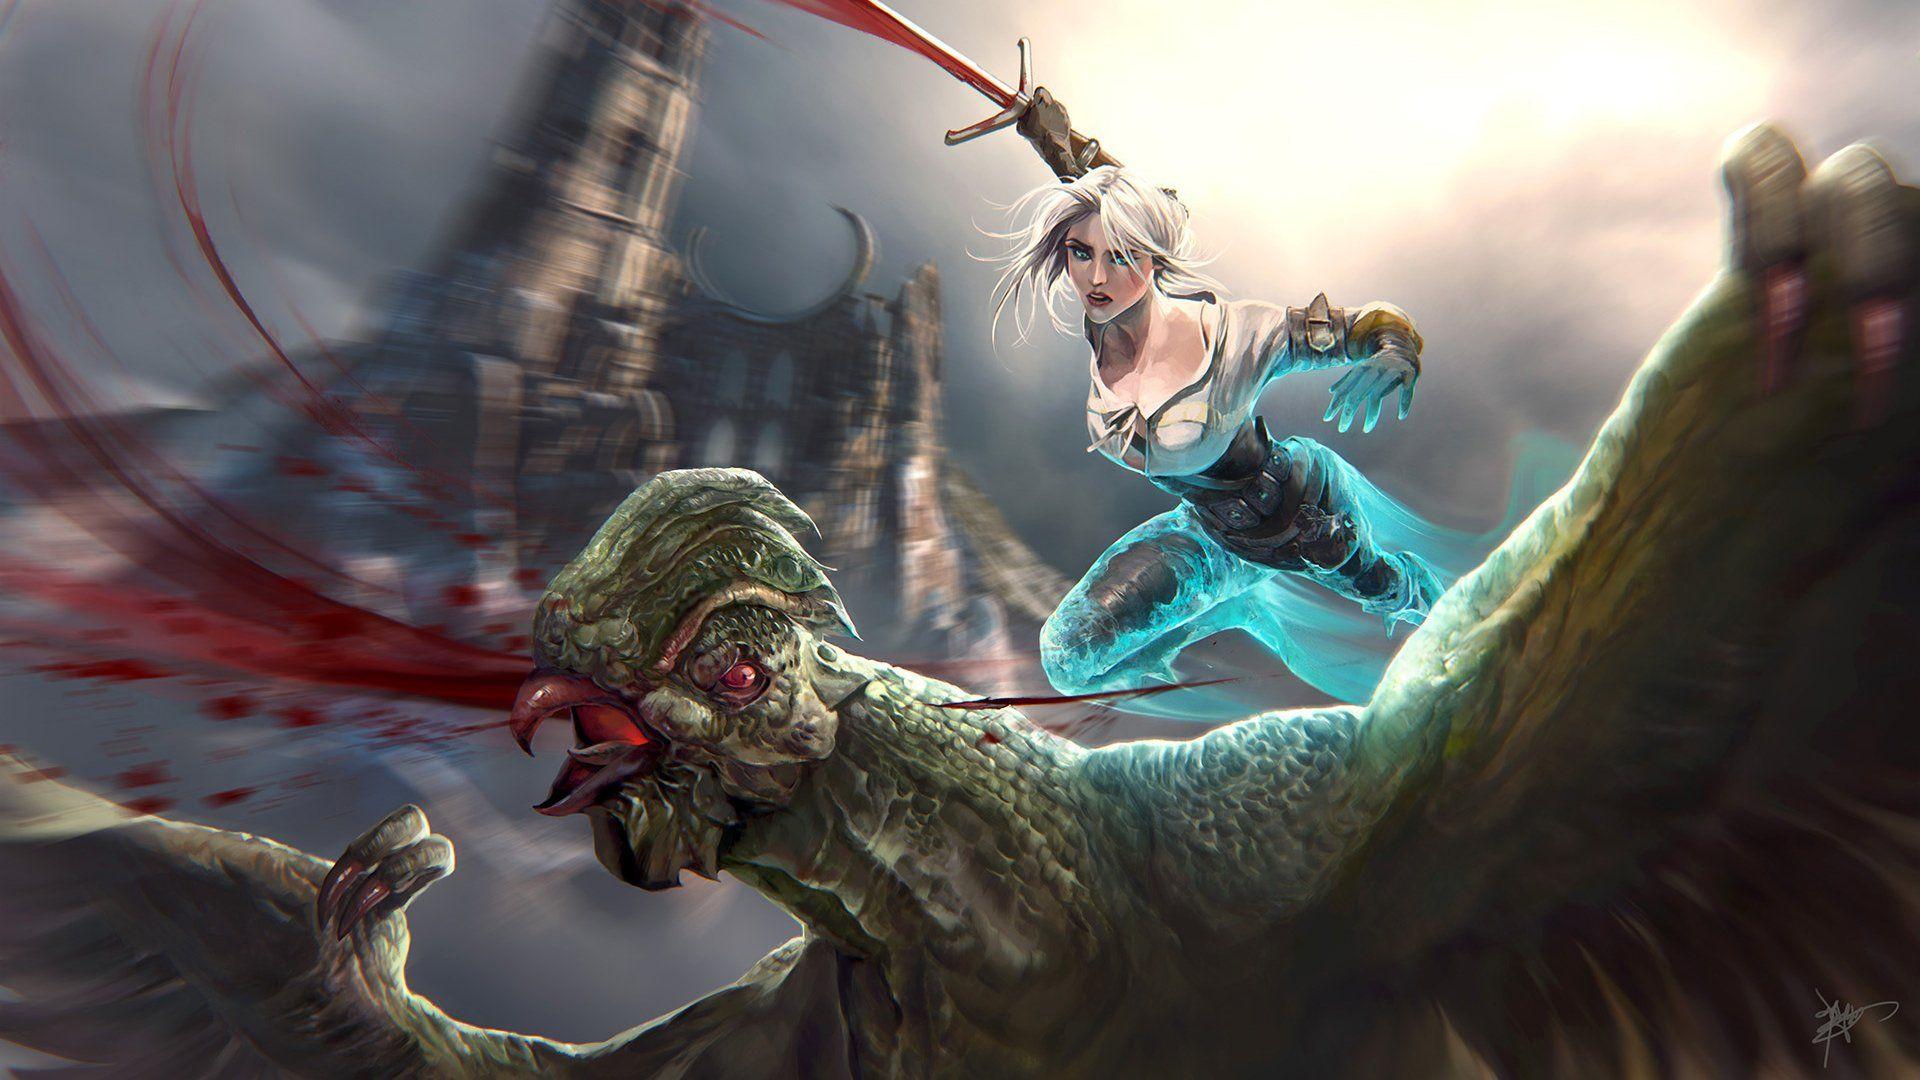 Gry Wideo Wiedźmin 3 Dziki Gon Ciri (The Witcher) Tapeta